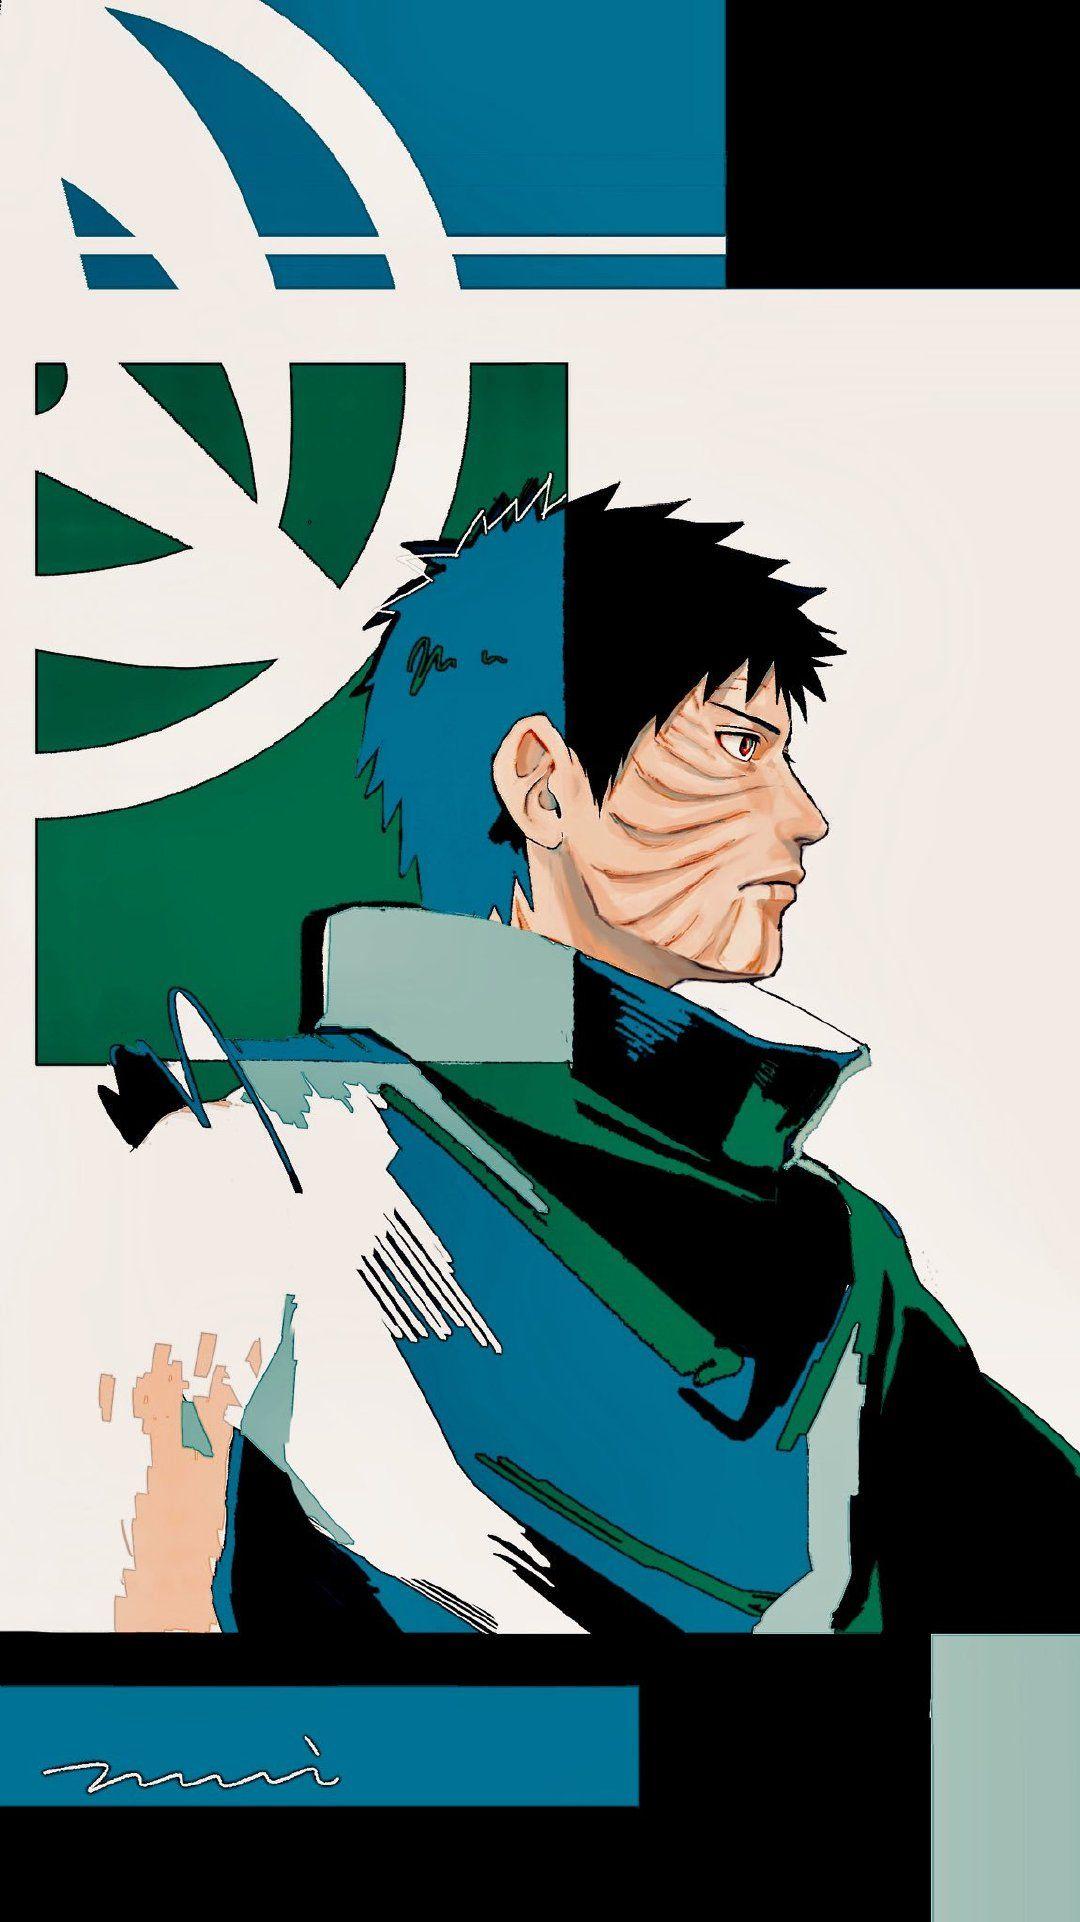 Pin de Zoerky em Believe It! Dattebayo! Animes